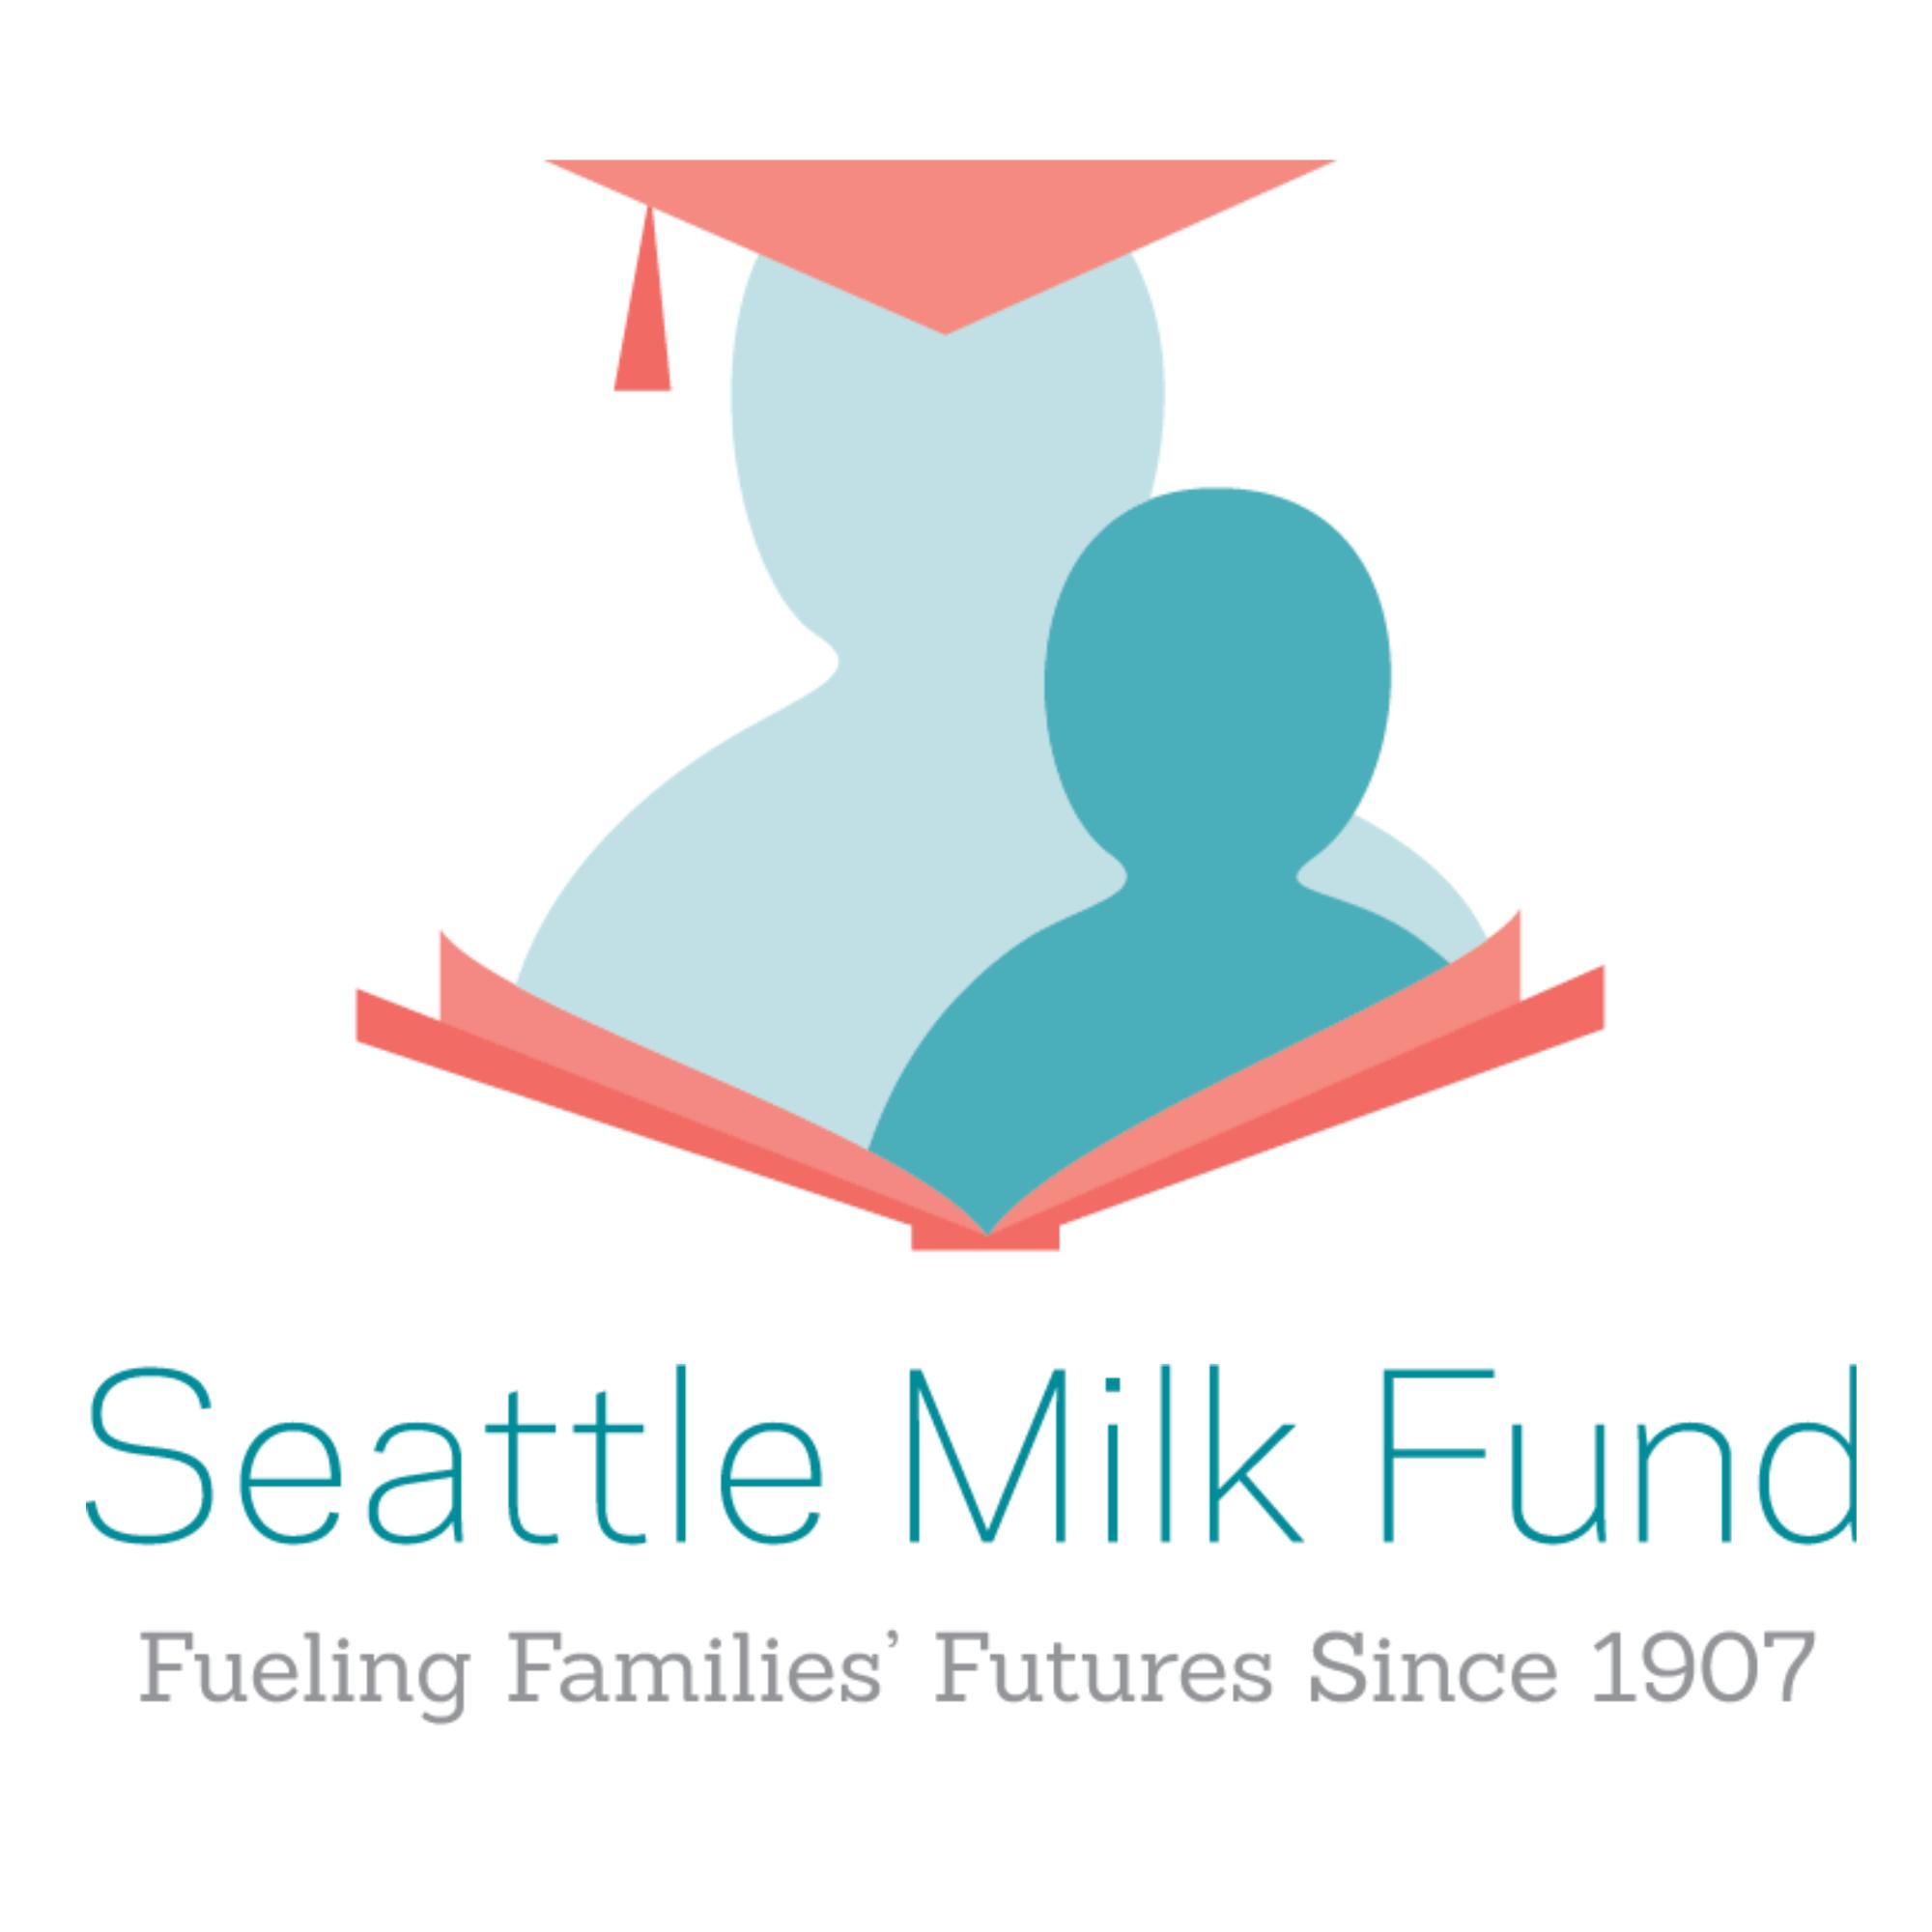 Seattle Milk Fund